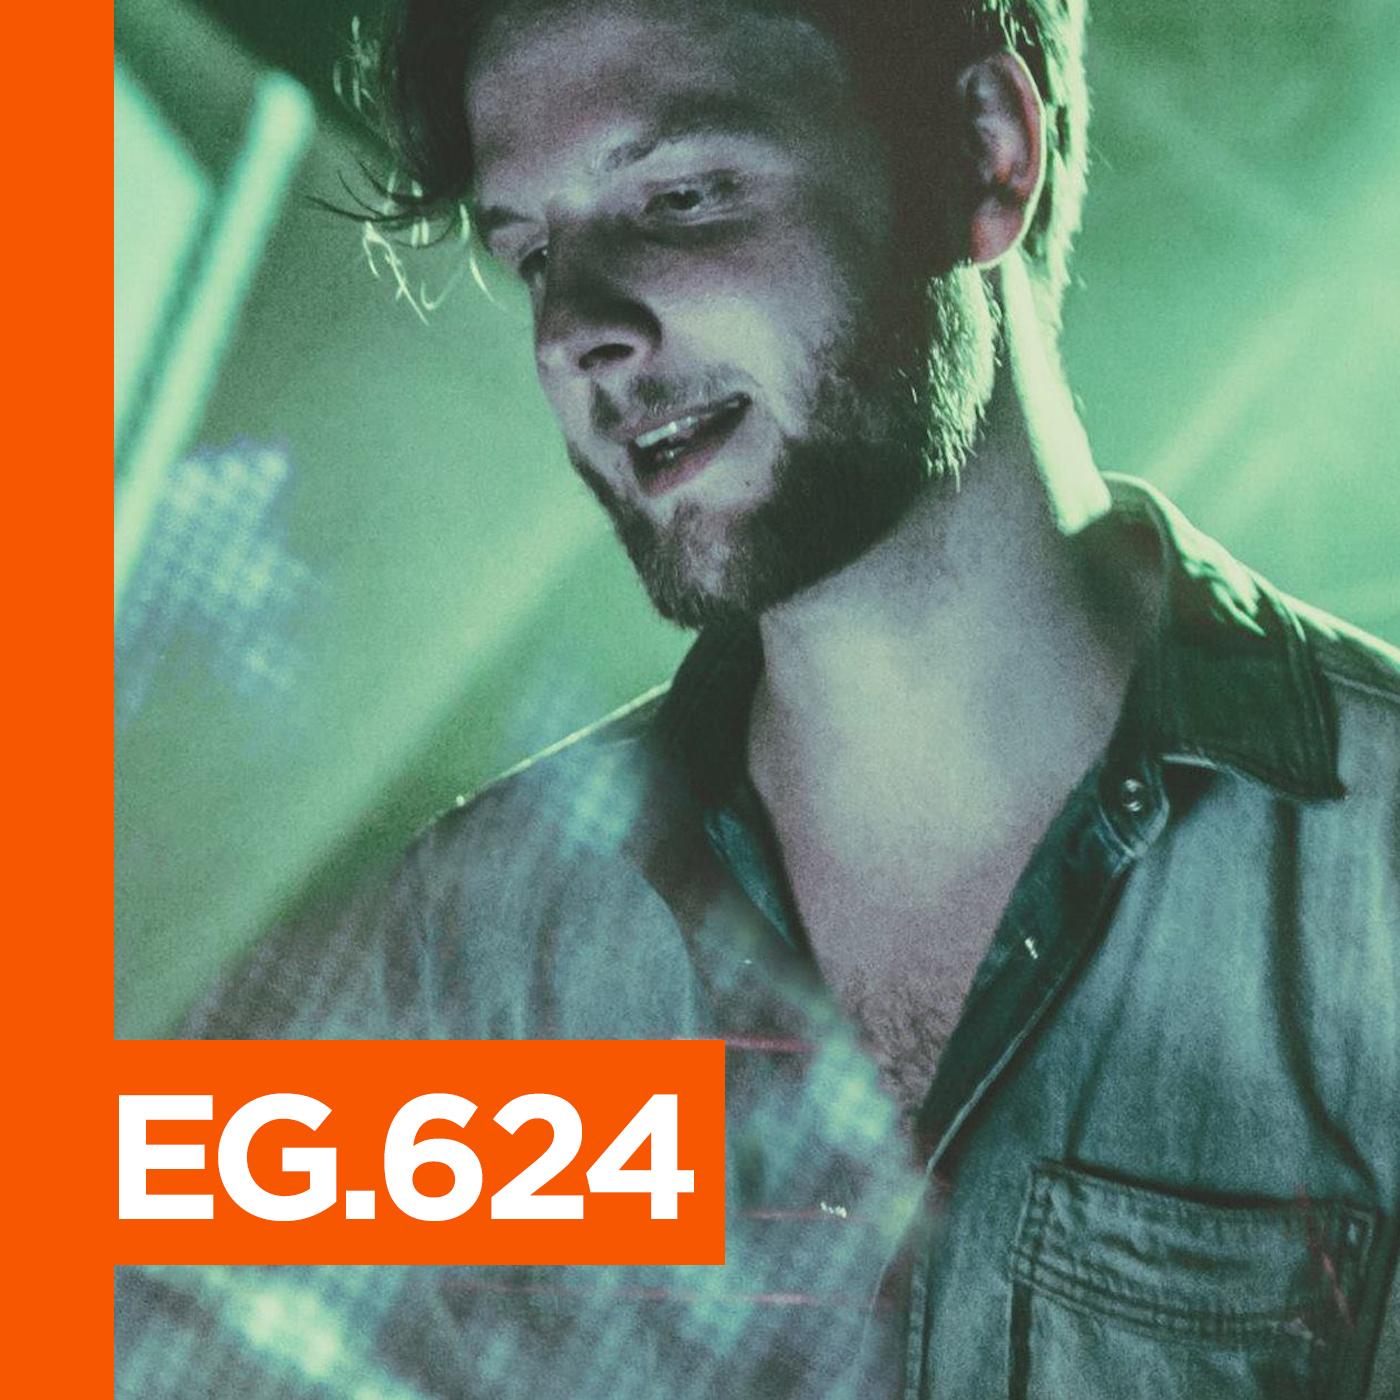 EG.624 Alec Troniq